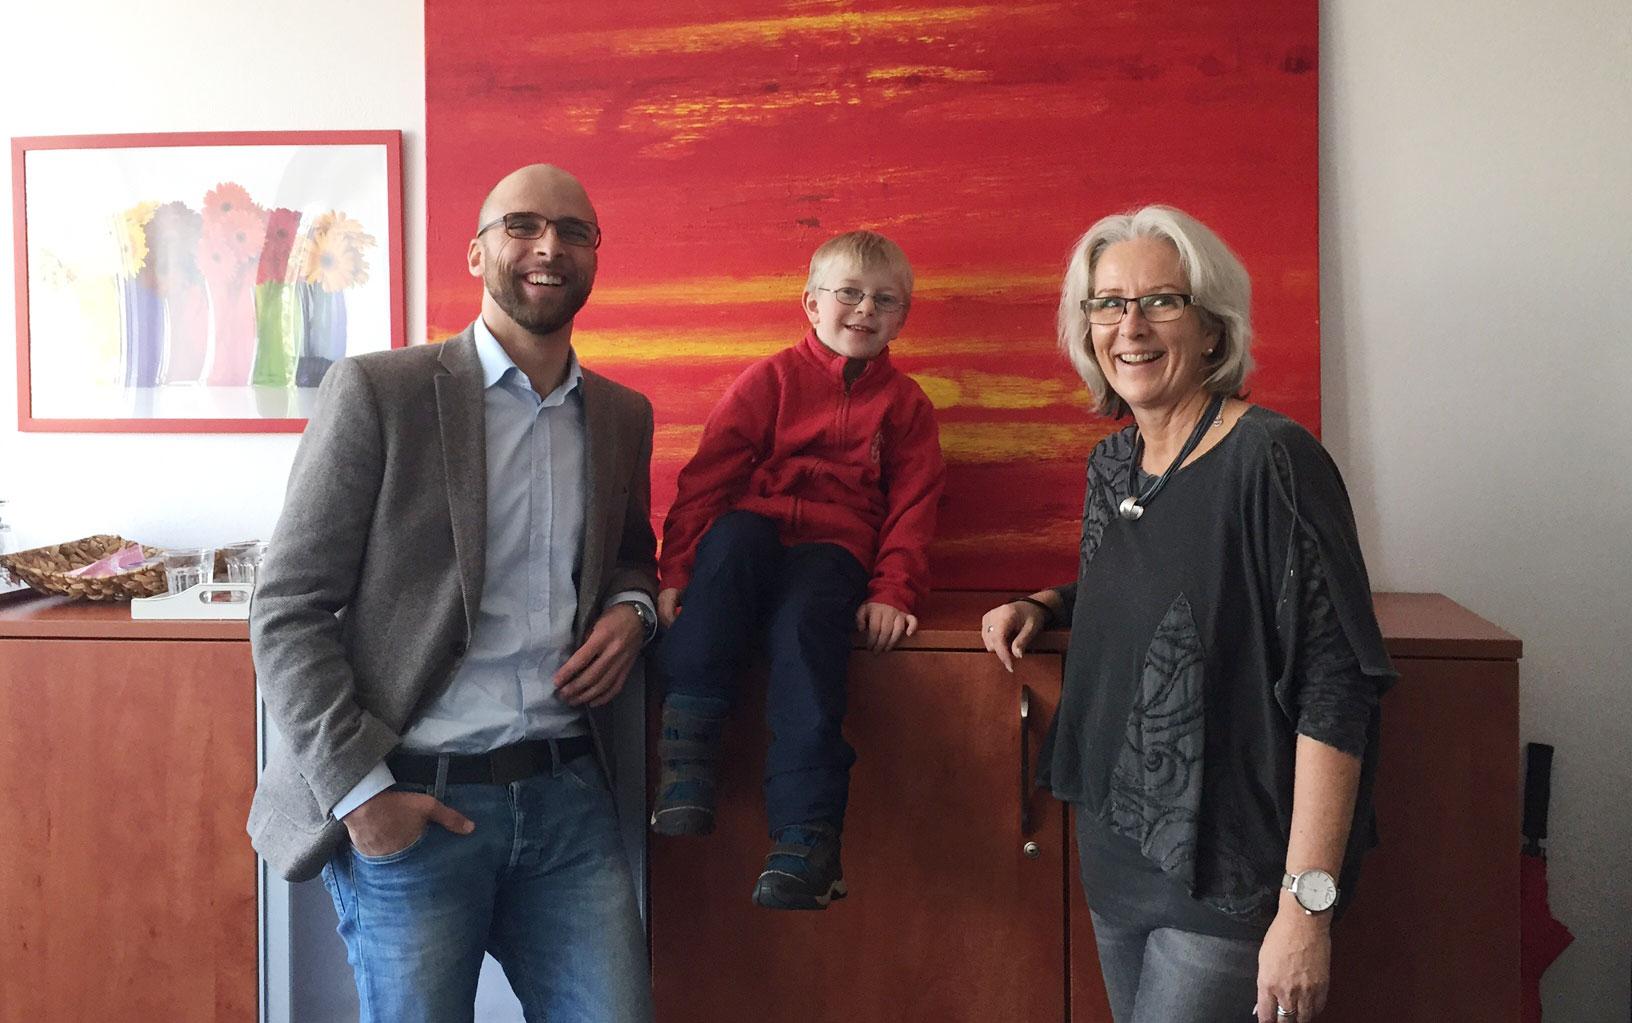 Schulcoach Minkenberg und Schüler Max Auer freuen sich, dass Max' Action Painting aus der Frühförder-Malterapie, so gut bei Schulleiterin Carola Stöhr ankommt.